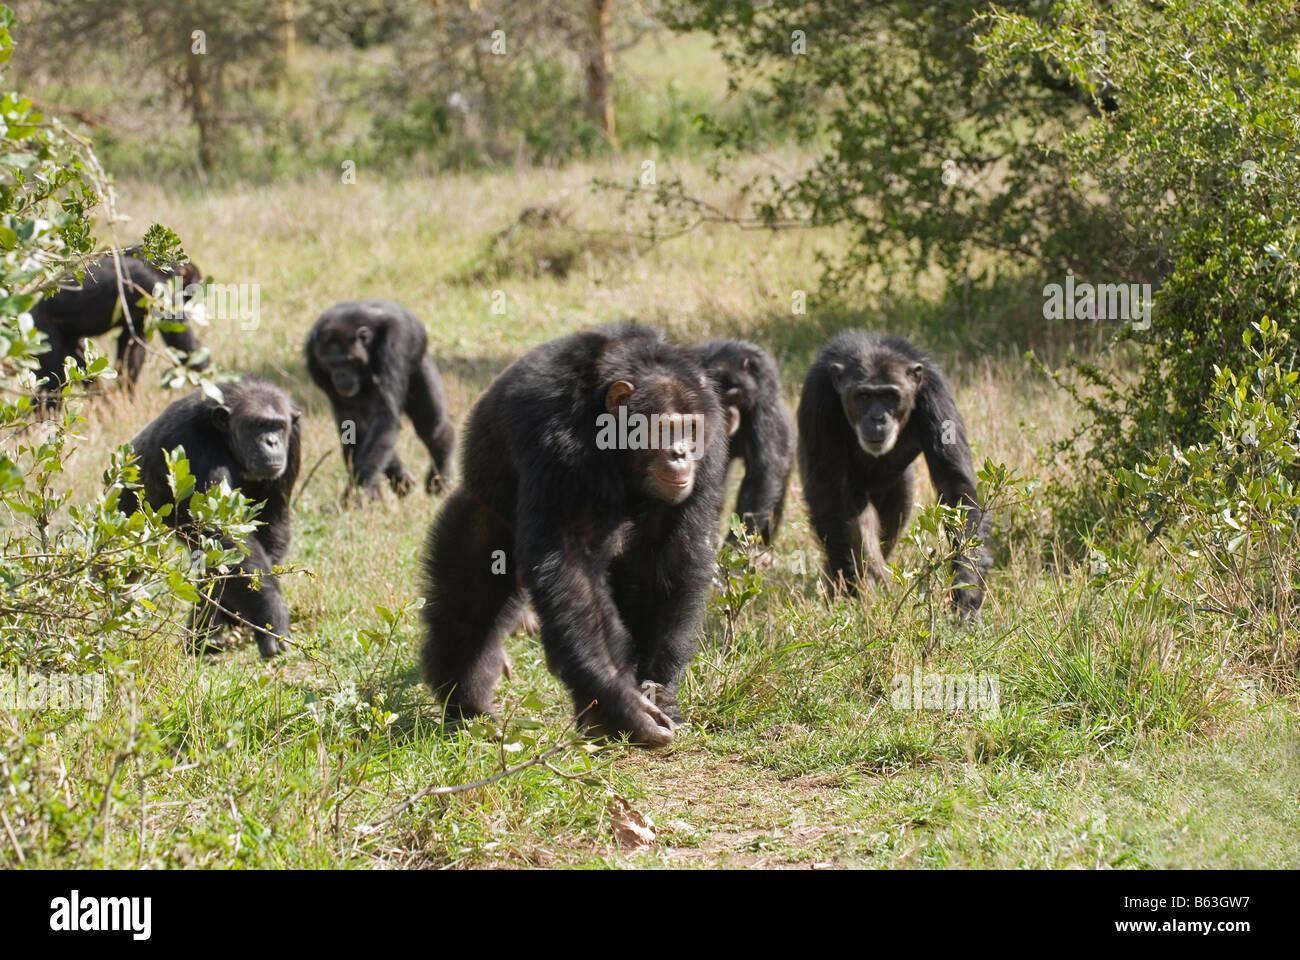 Esecuzione di un gruppo di Scimpanzé comune, Pan troglodytes, Sweetwaters Laikipia Privat RESERVE KENYA Africa Immagini Stock